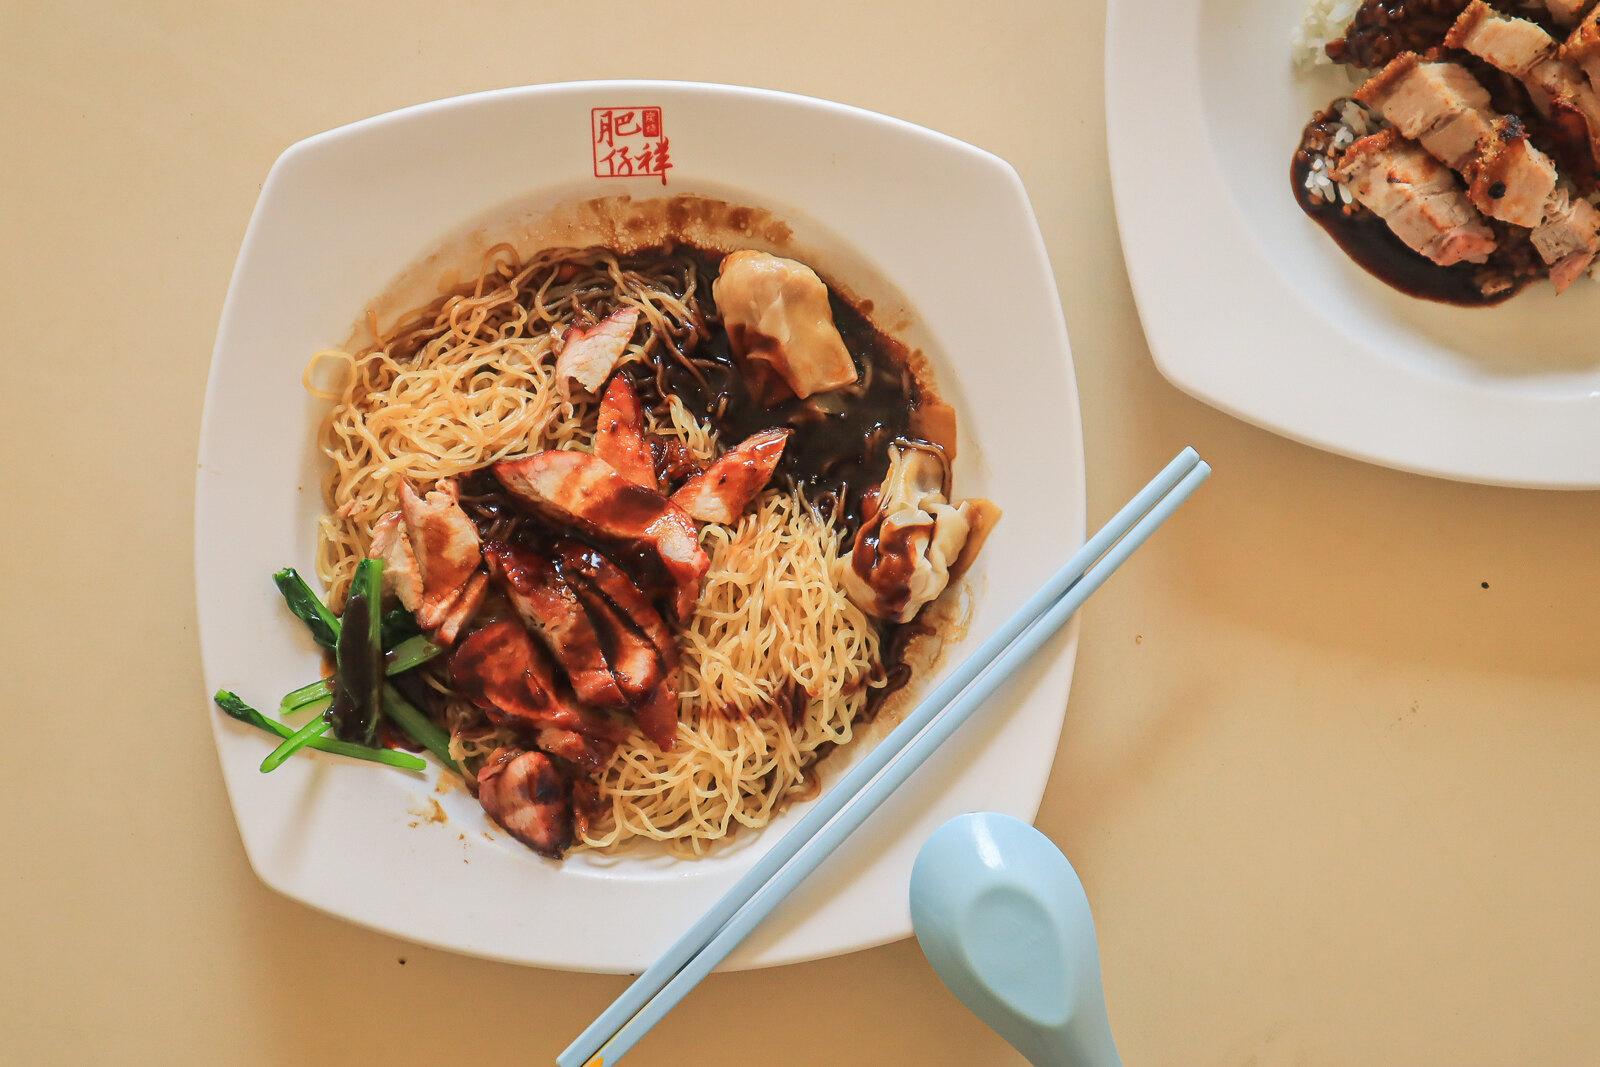 fei zai xiang shao la wanton mee wanton mee